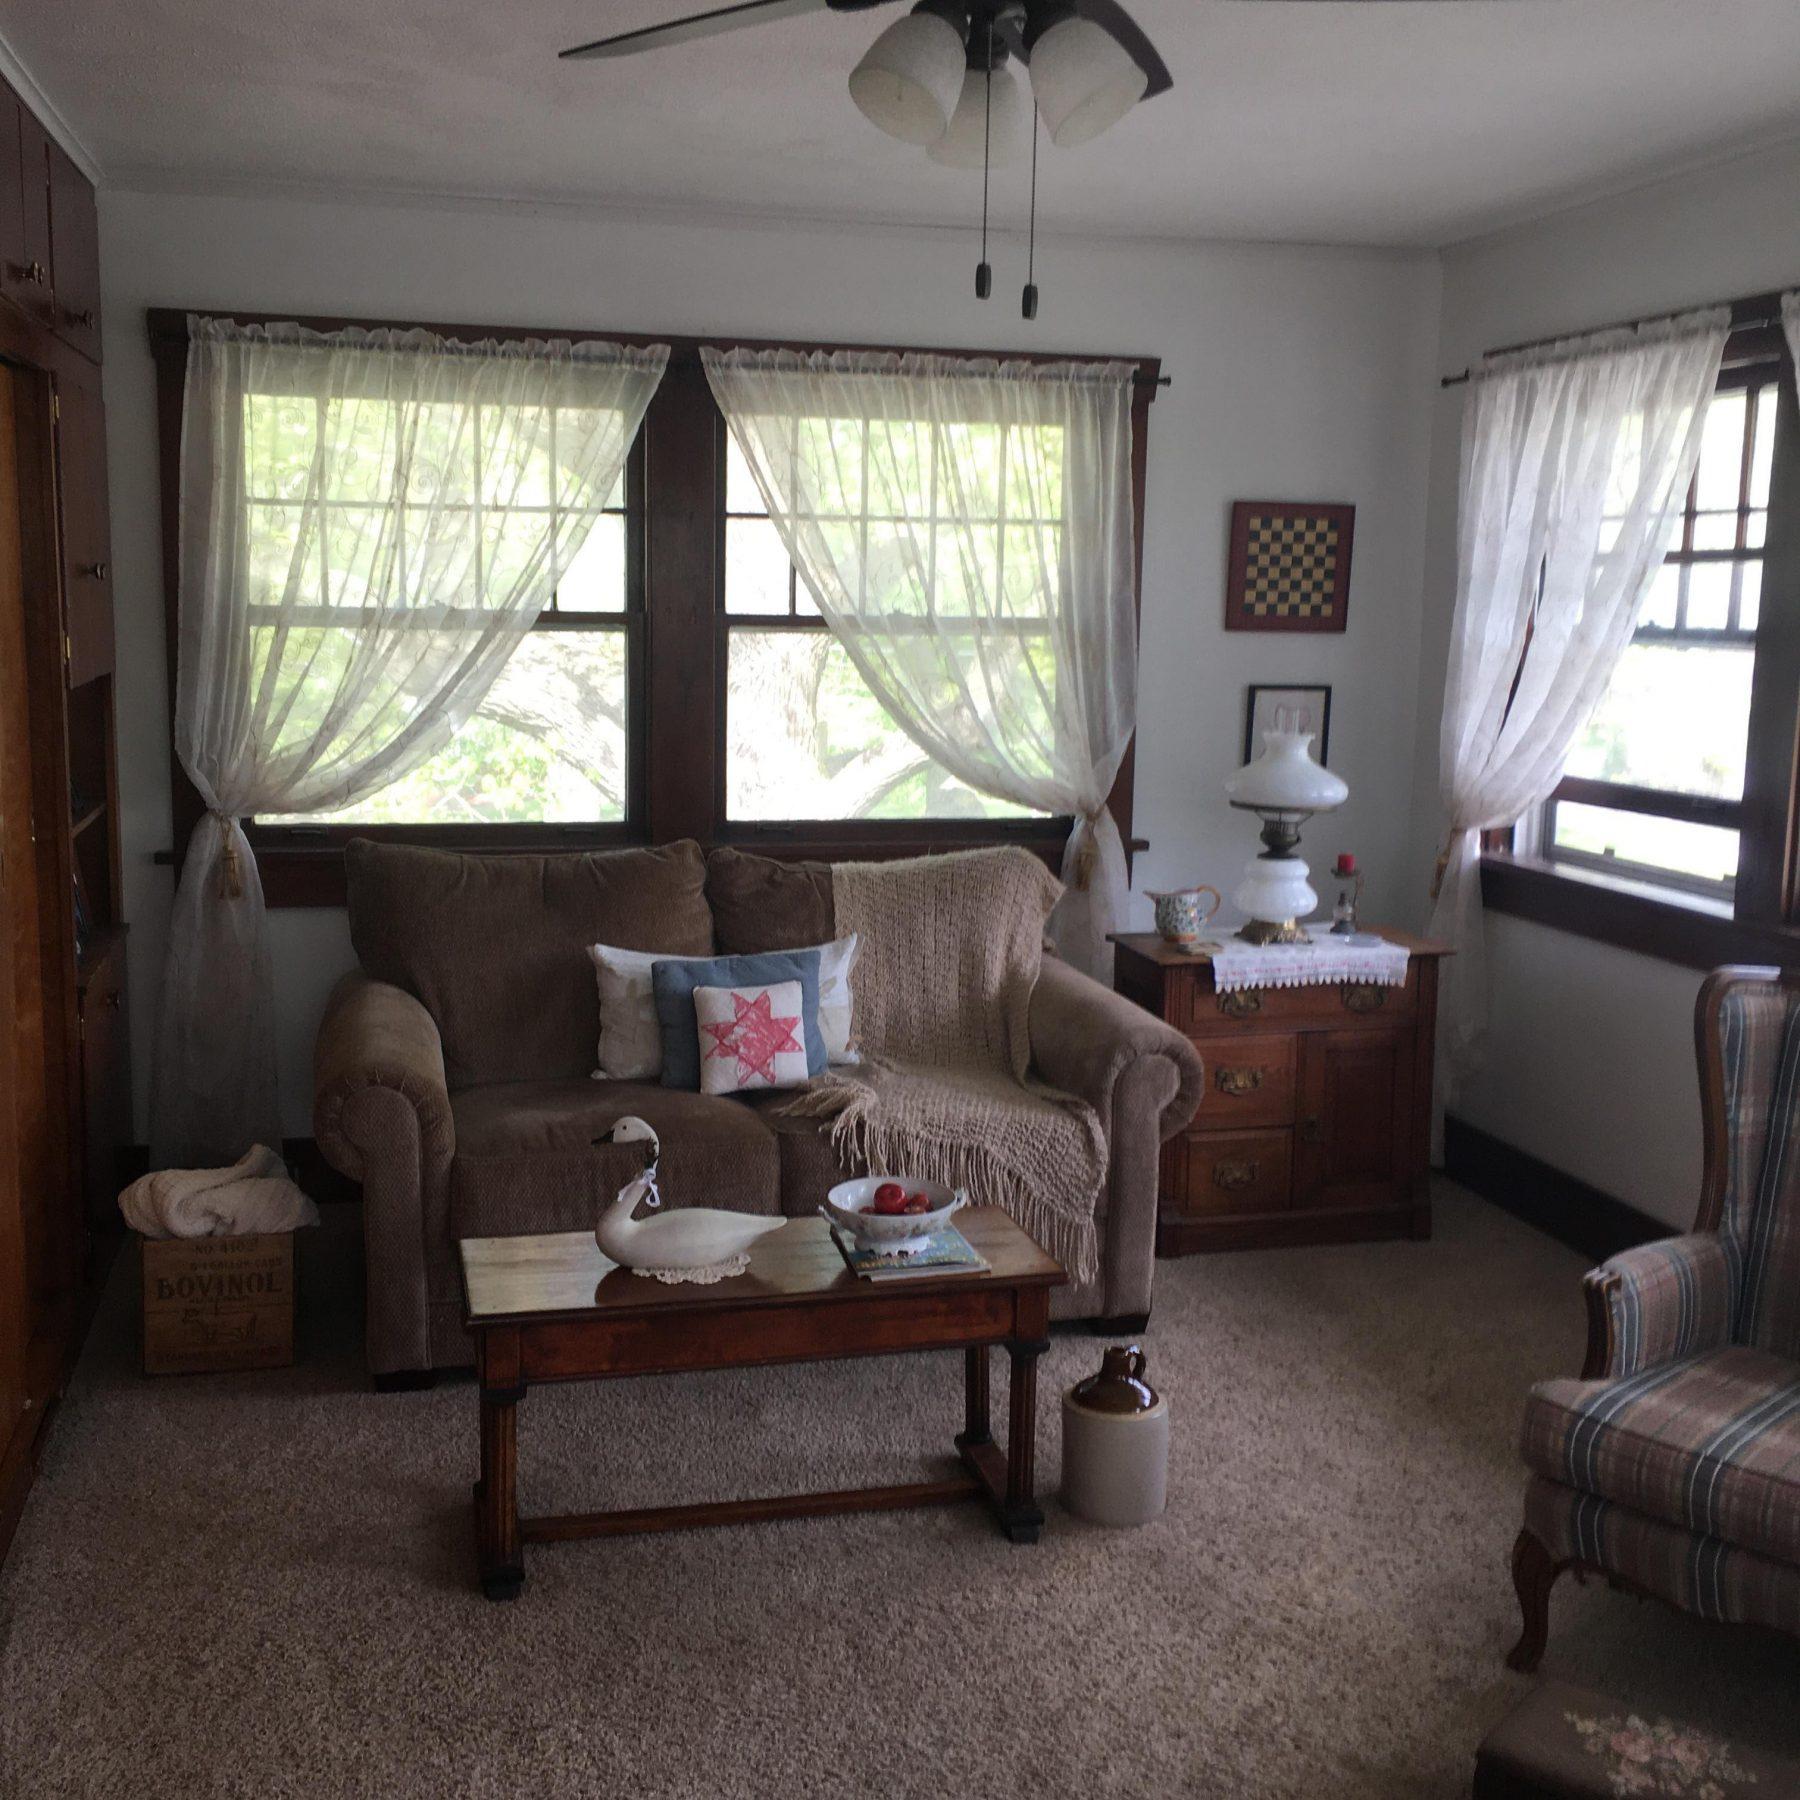 Goodell bedroom 4